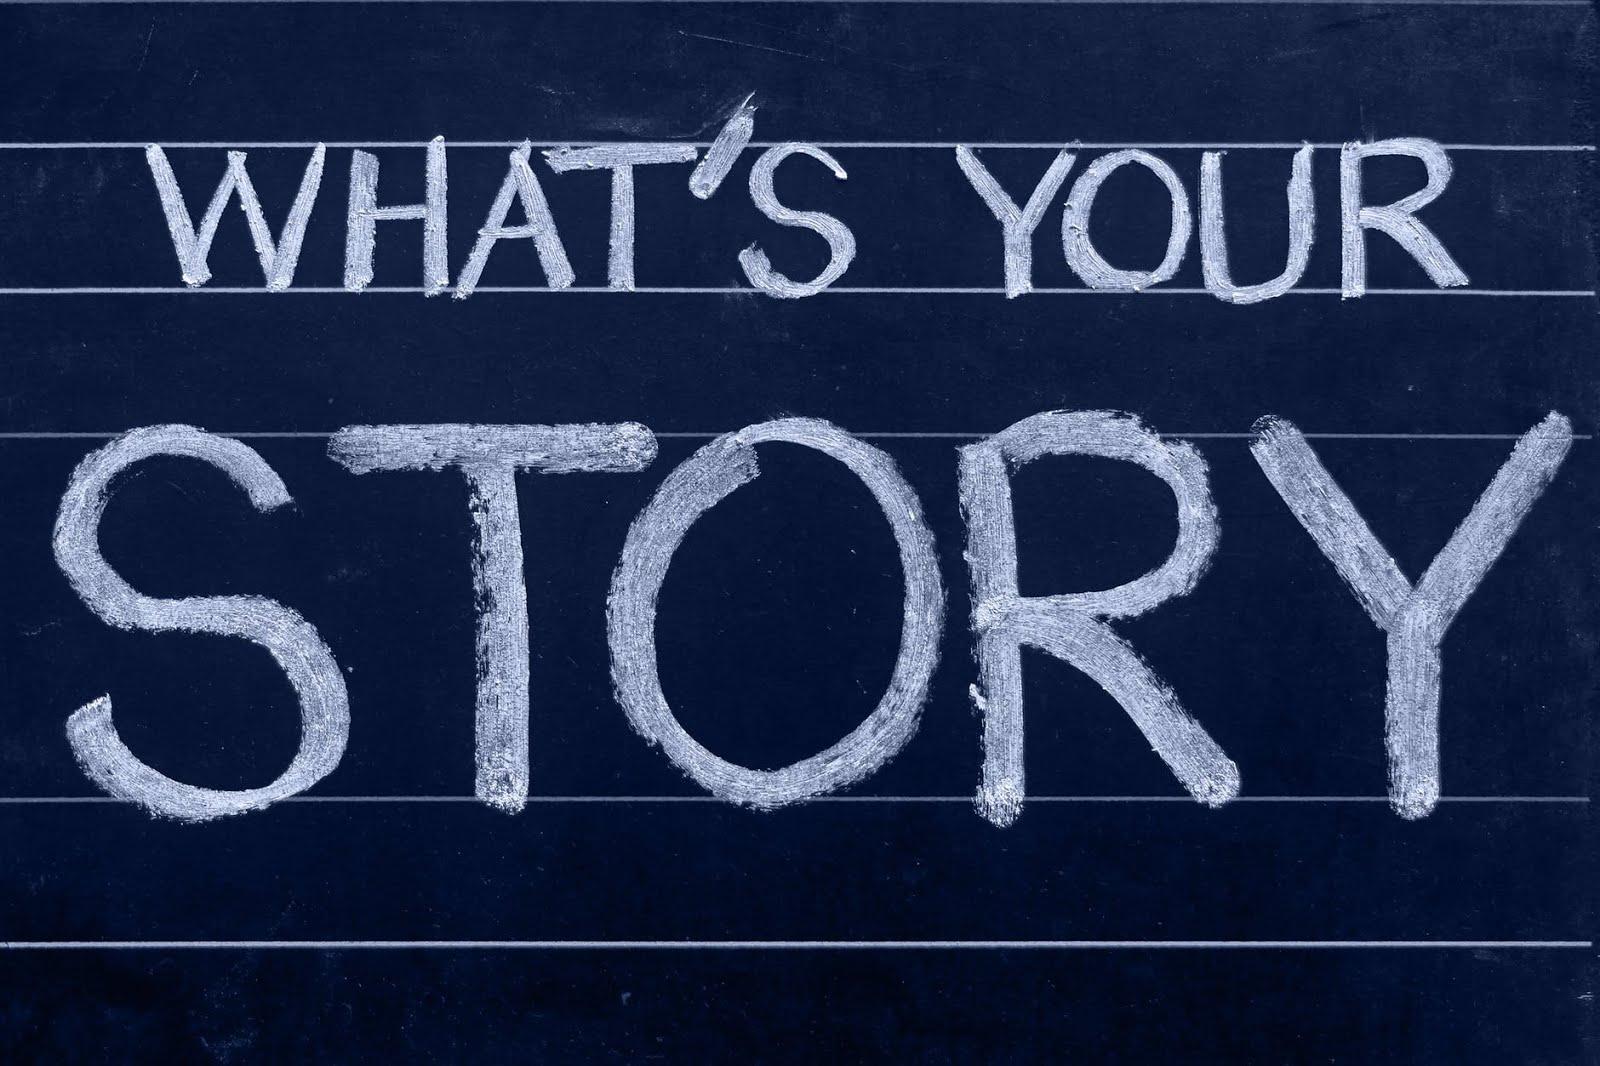 Στείλε μας την ιστορία σου